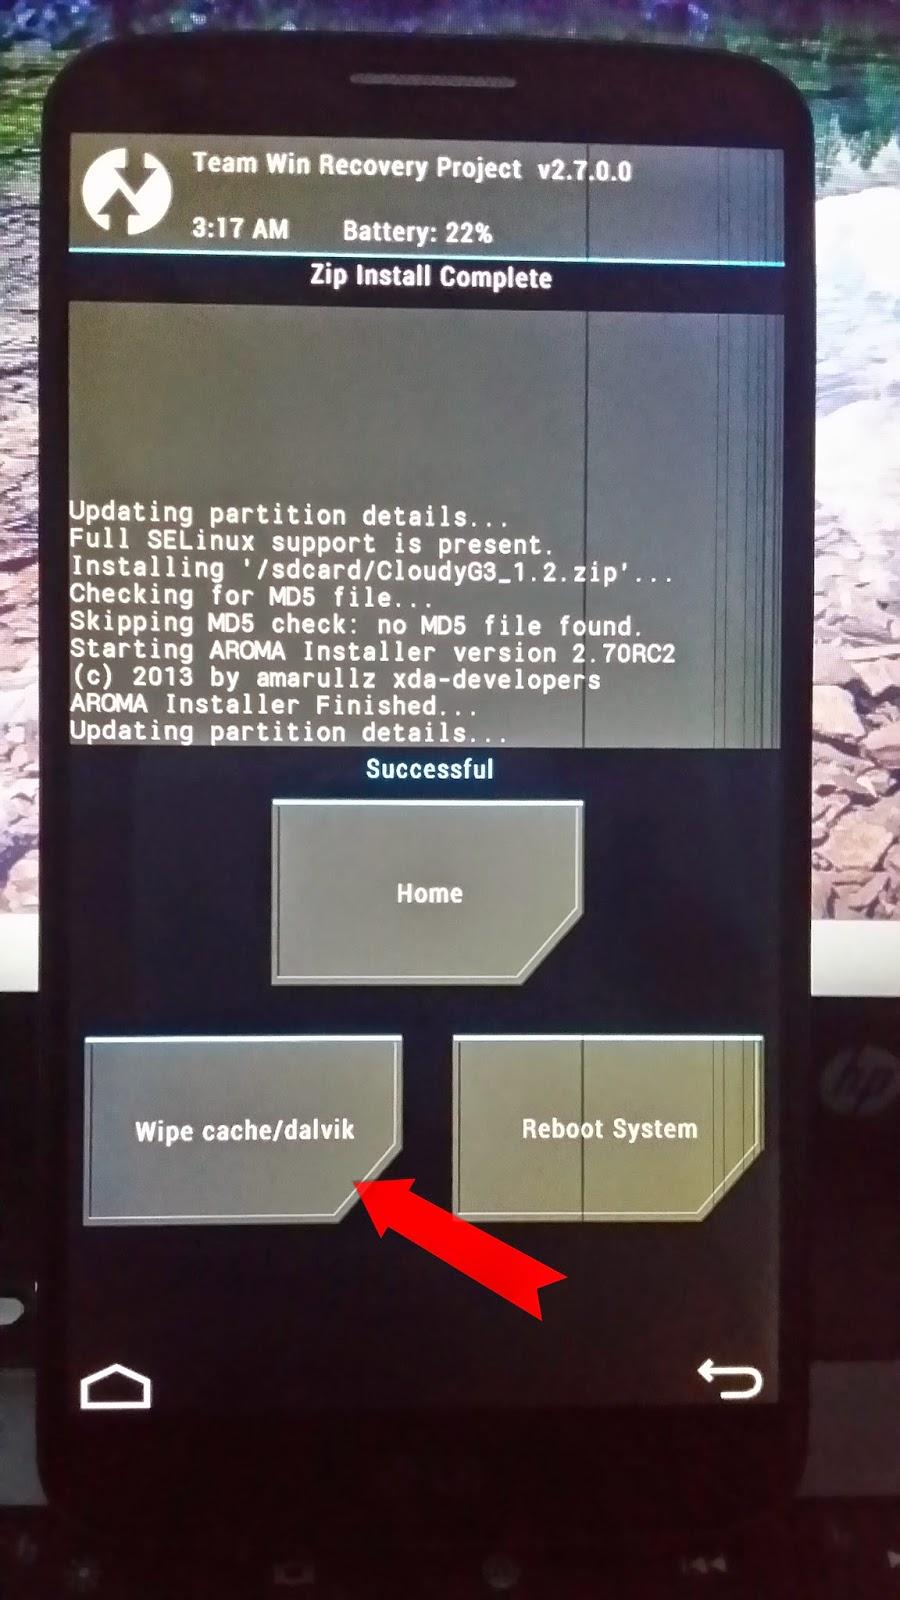 شرح تثبيت روم LG G3 لجهاز LG G2 | بحرية درويد